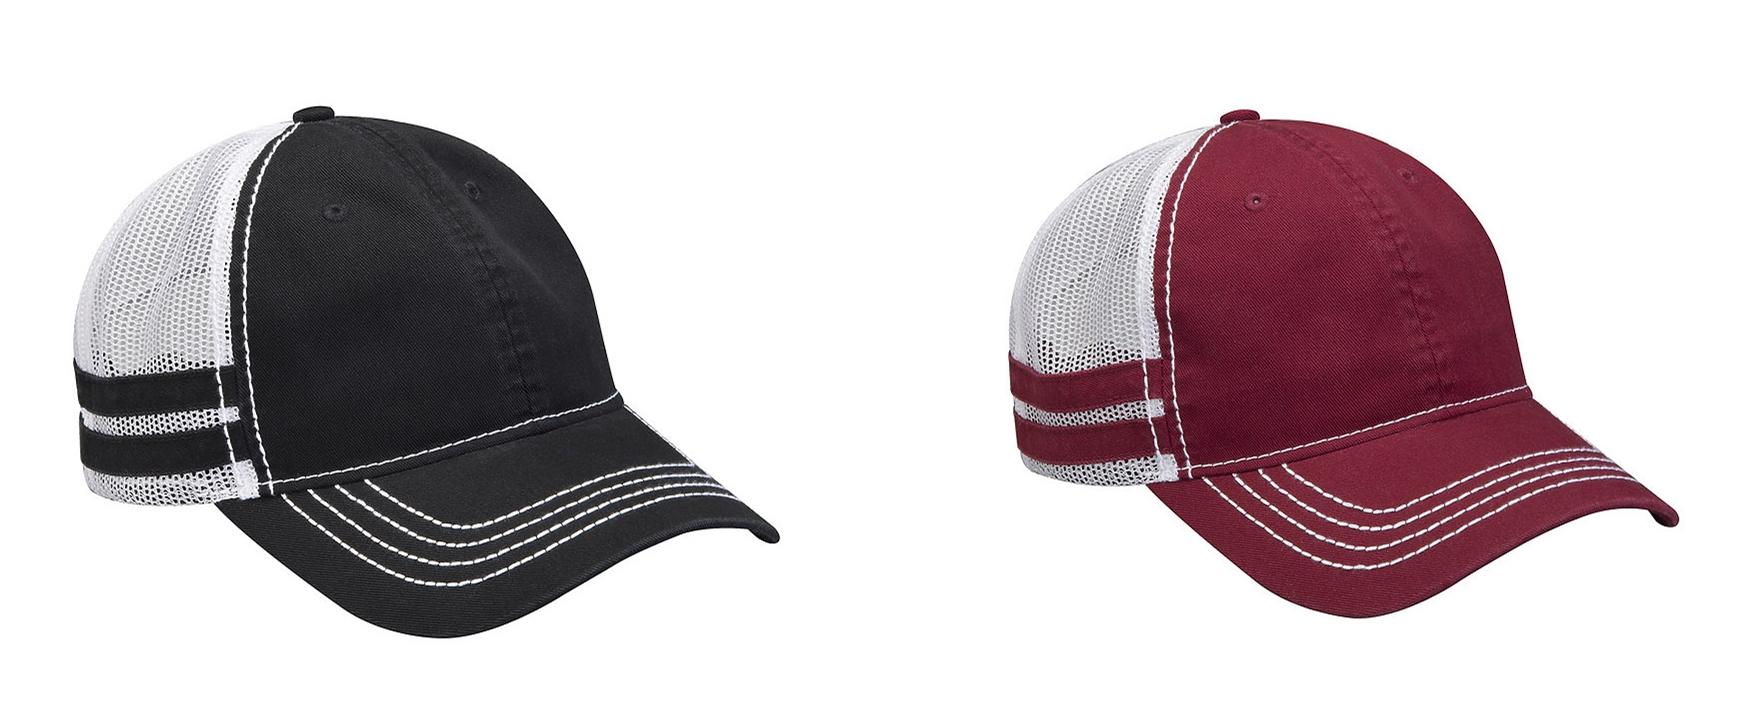 Adams Headwear Heritage Stripe Trucker Cap from NYFifth